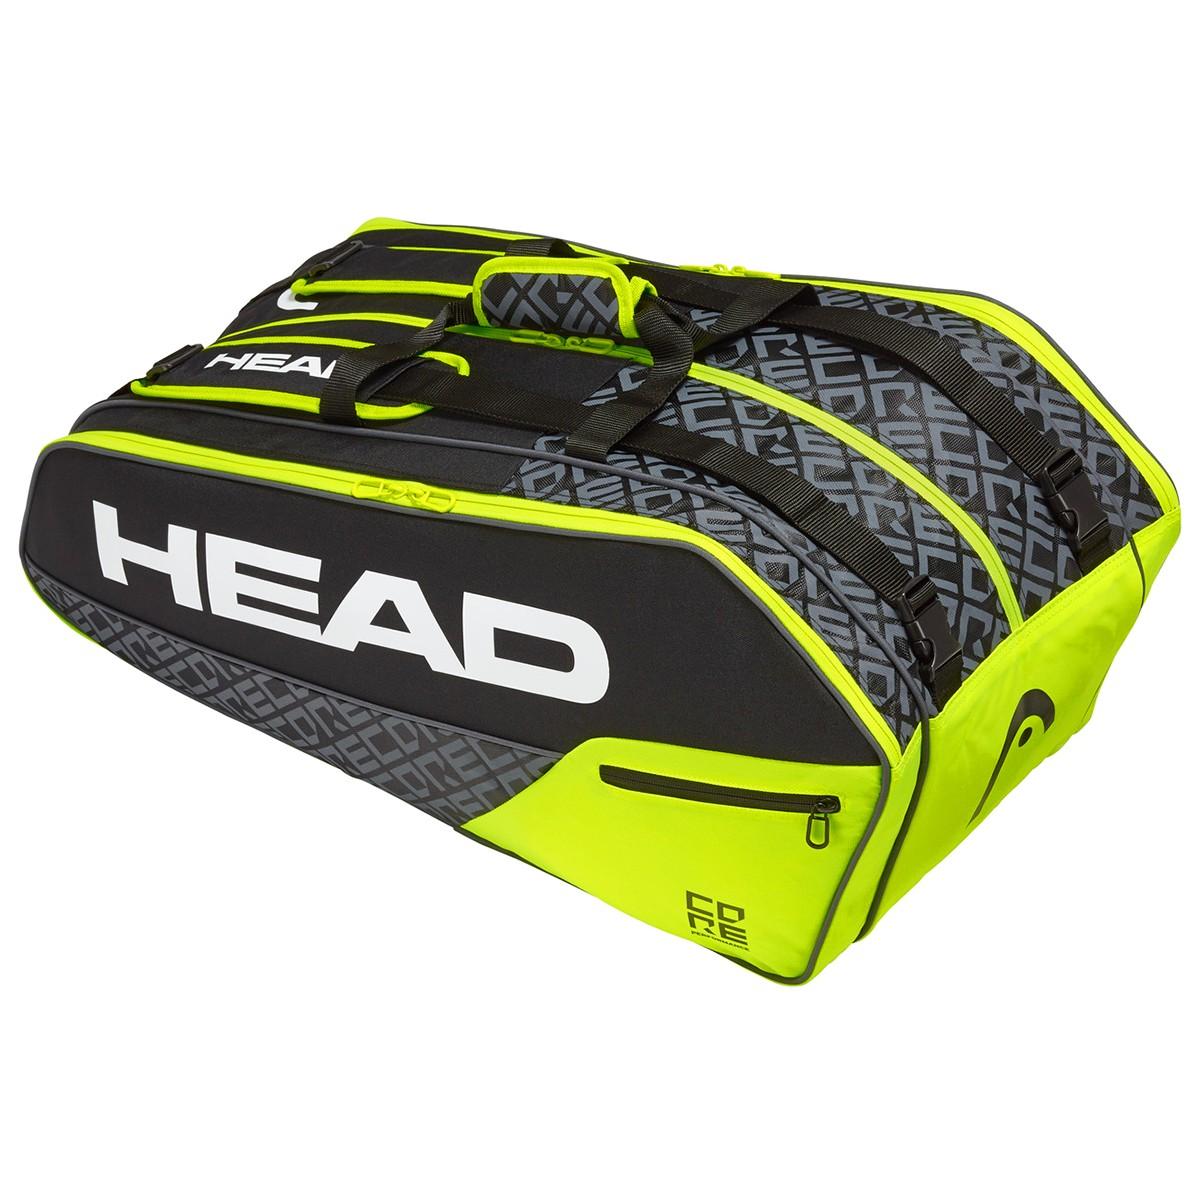 HEAD CORE 9R SUPERCOMBI TENNIS BAG